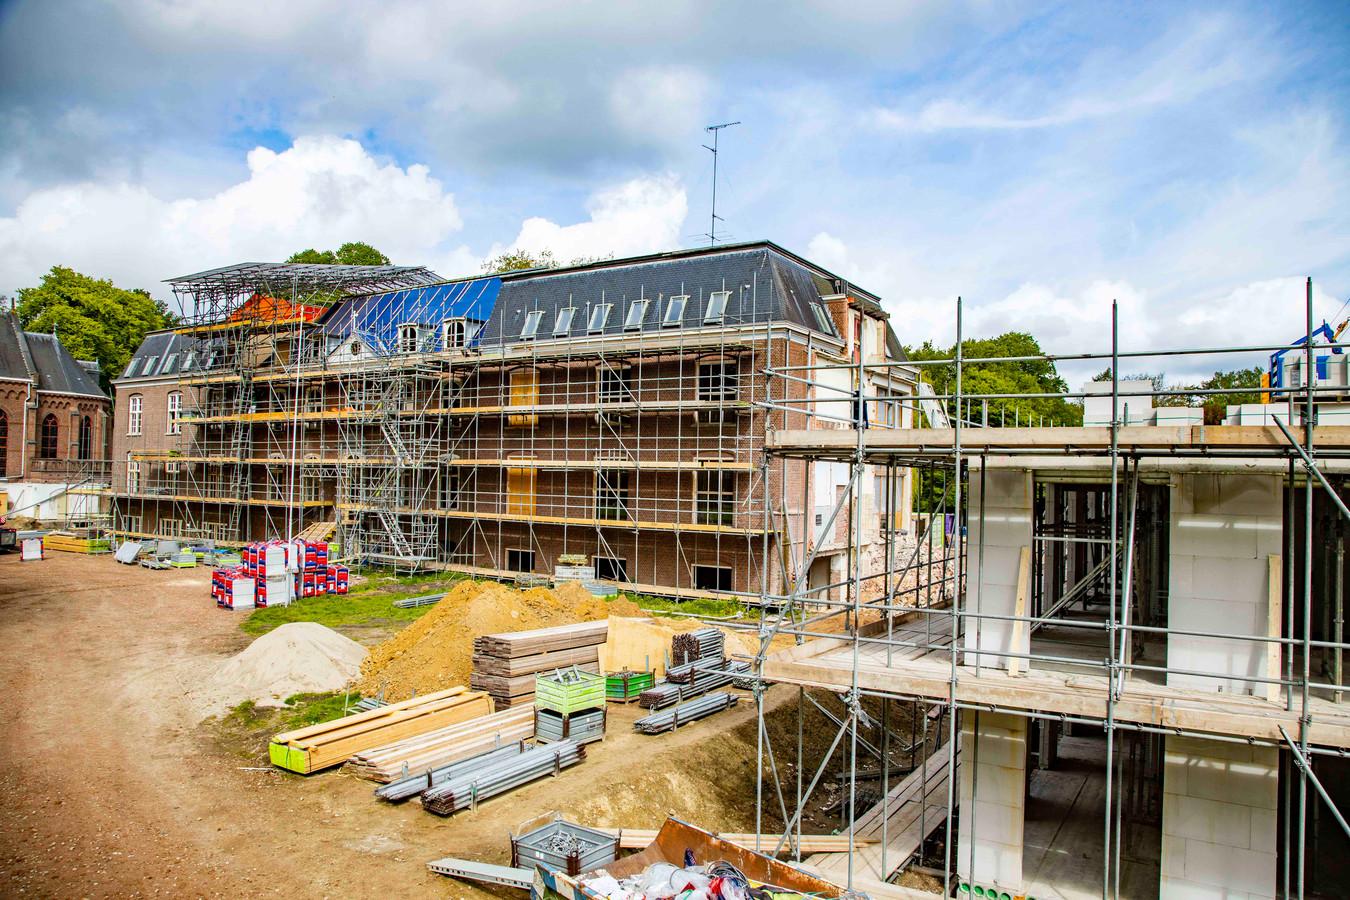 Verbouwing van en nieuwbouw bij klooster Groot Bijstervelt in Oirschot.